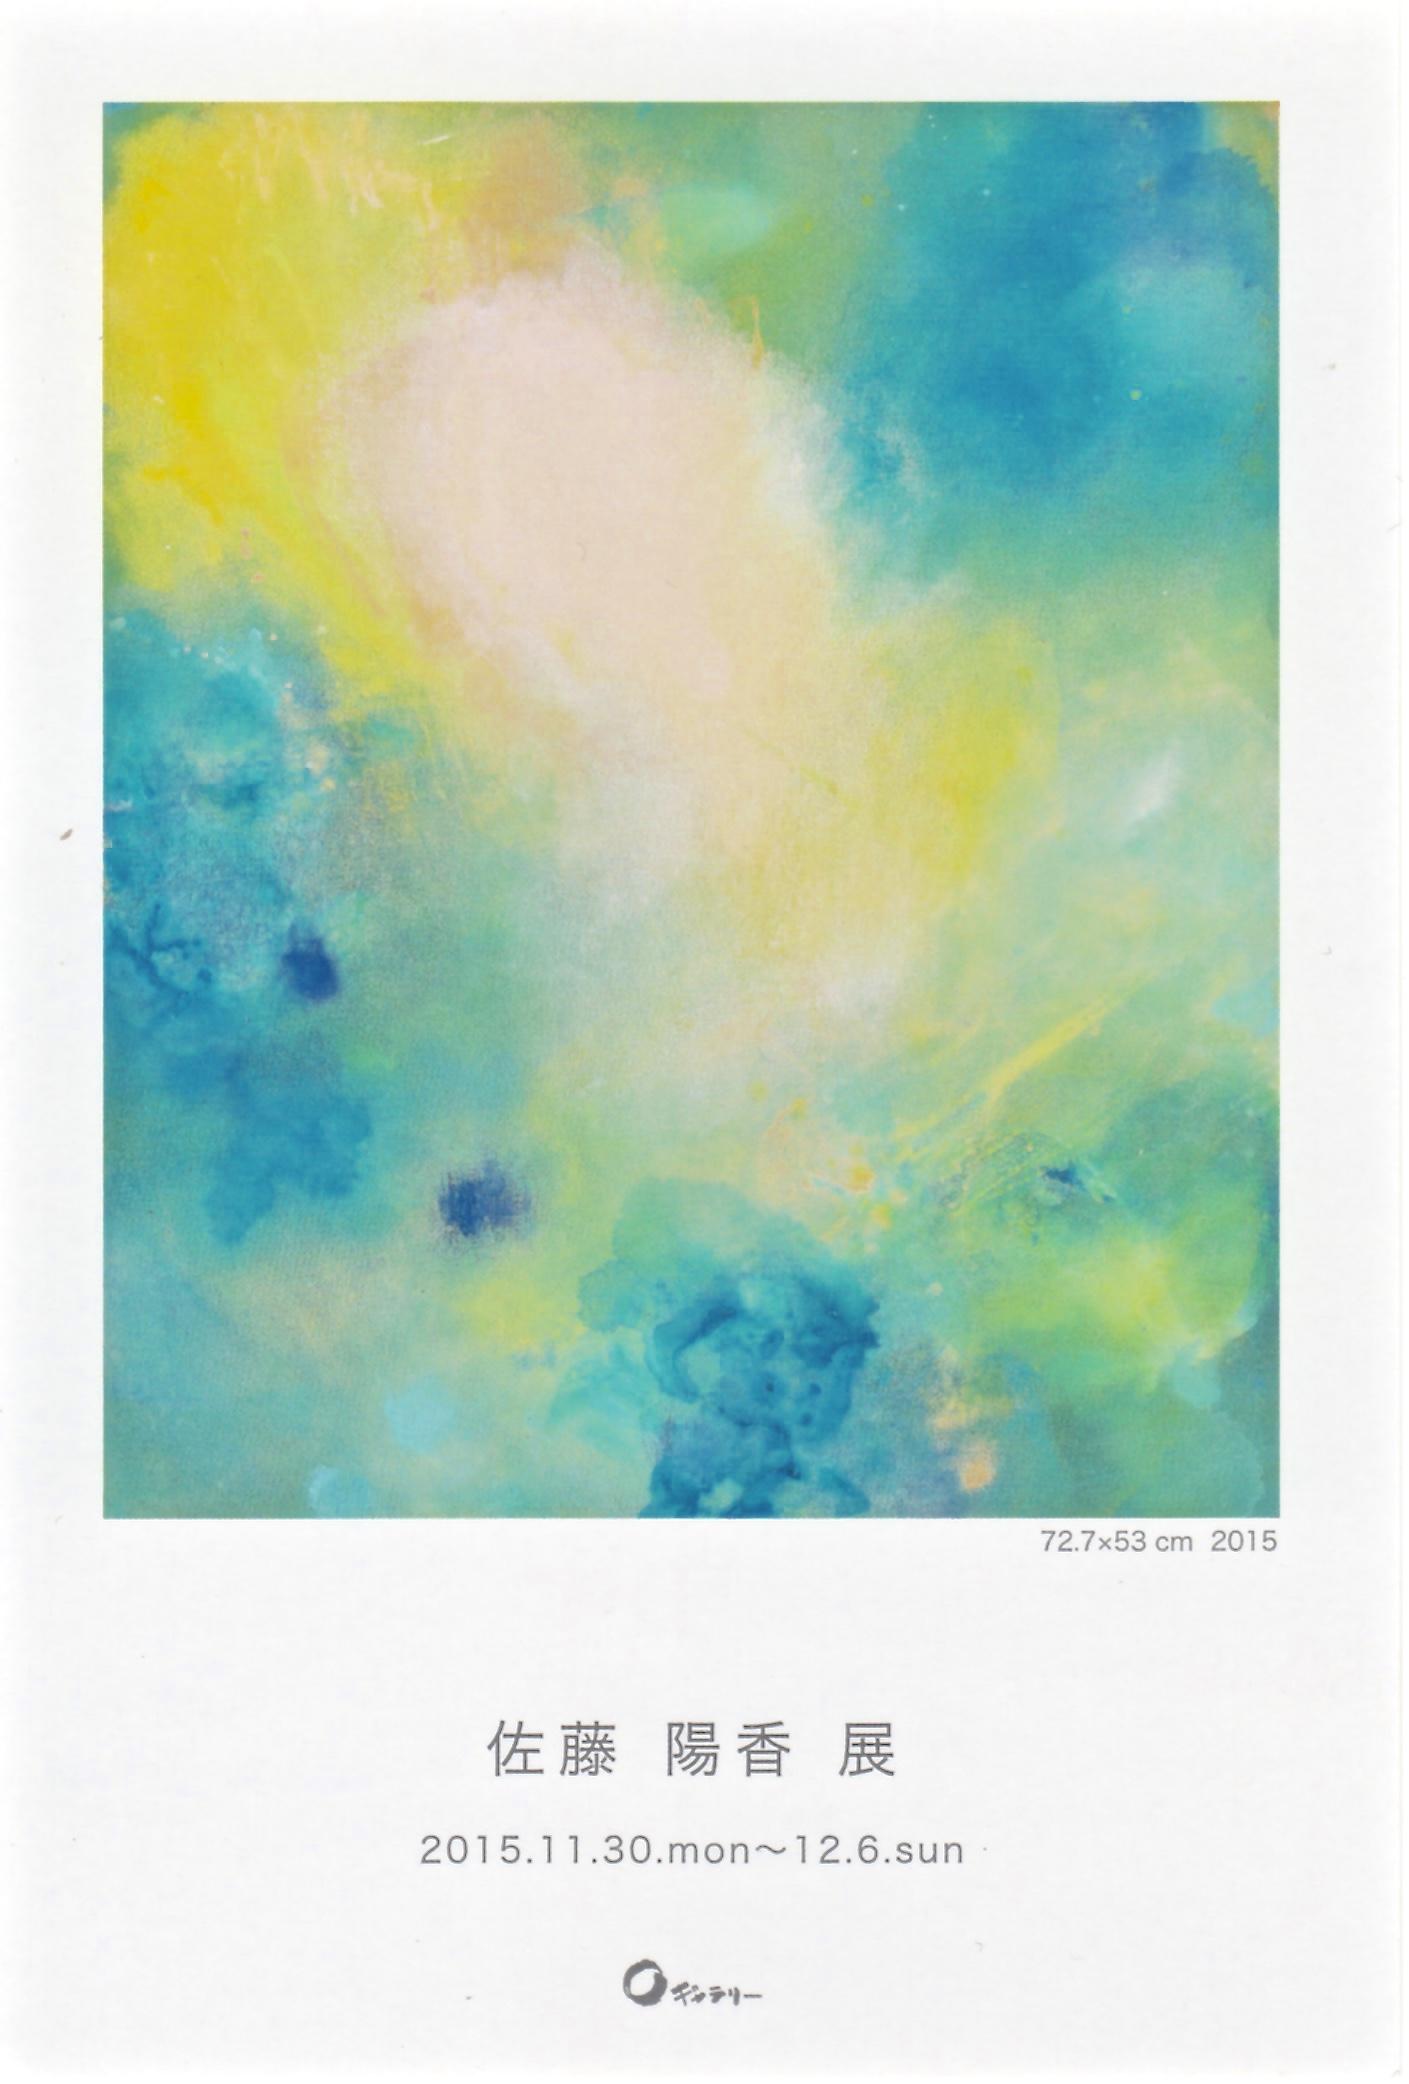 佐藤陽香個展「今日の空を眺めながら」 11/30〜12/6_f0099979_18112722.jpg